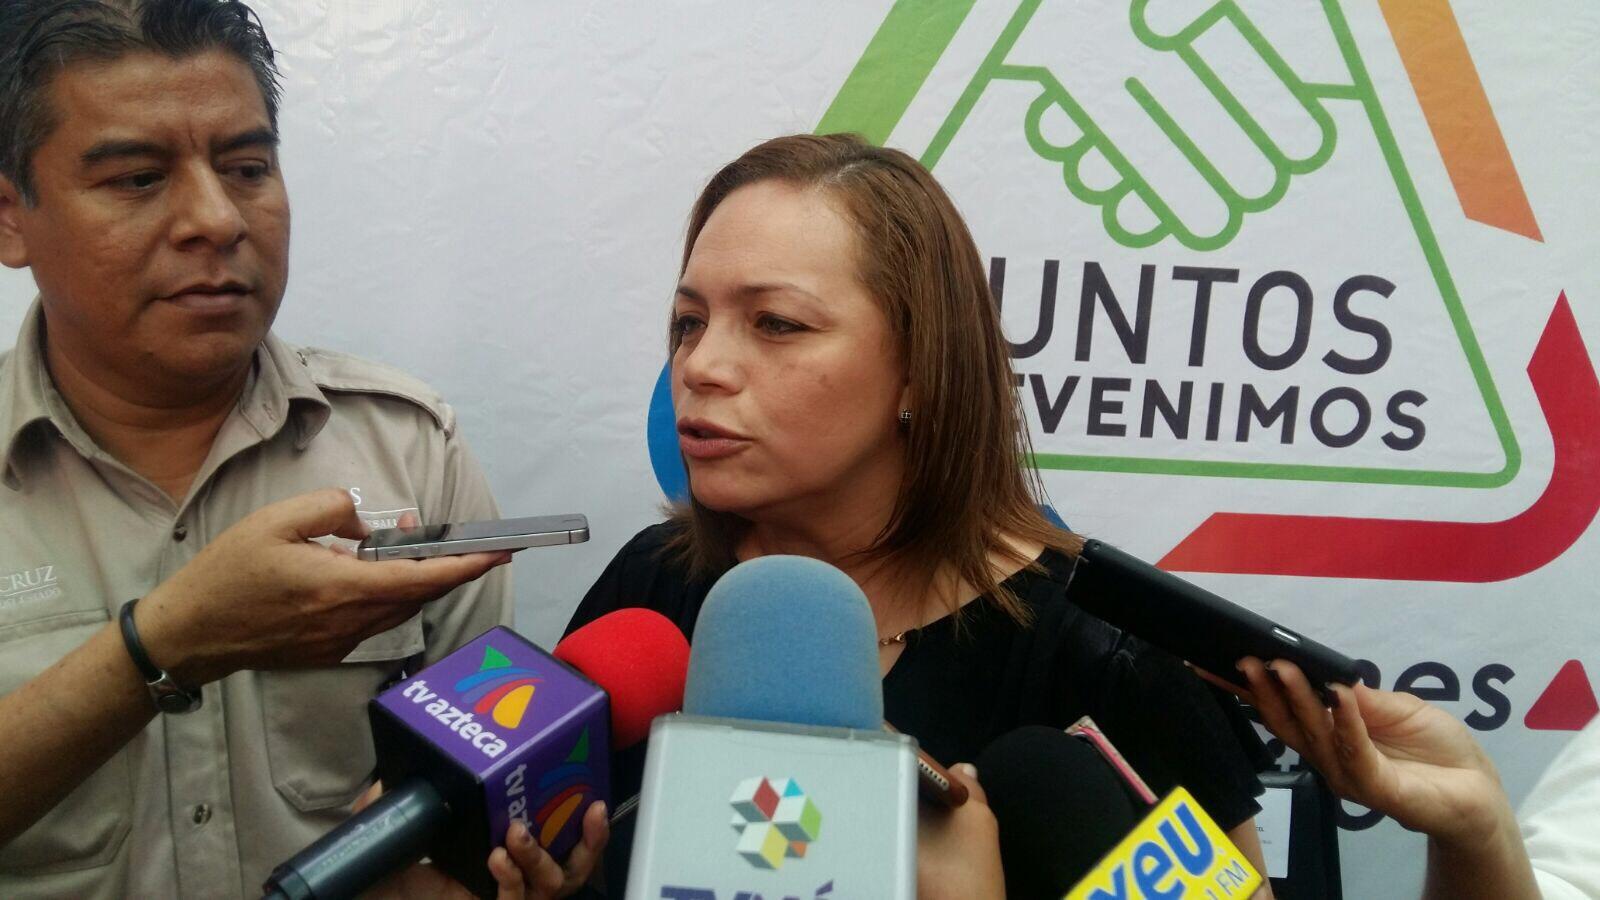 Con fumigaciones en el municipio de Veracruz se busca evitar casos de dengue, zika y chikungunya